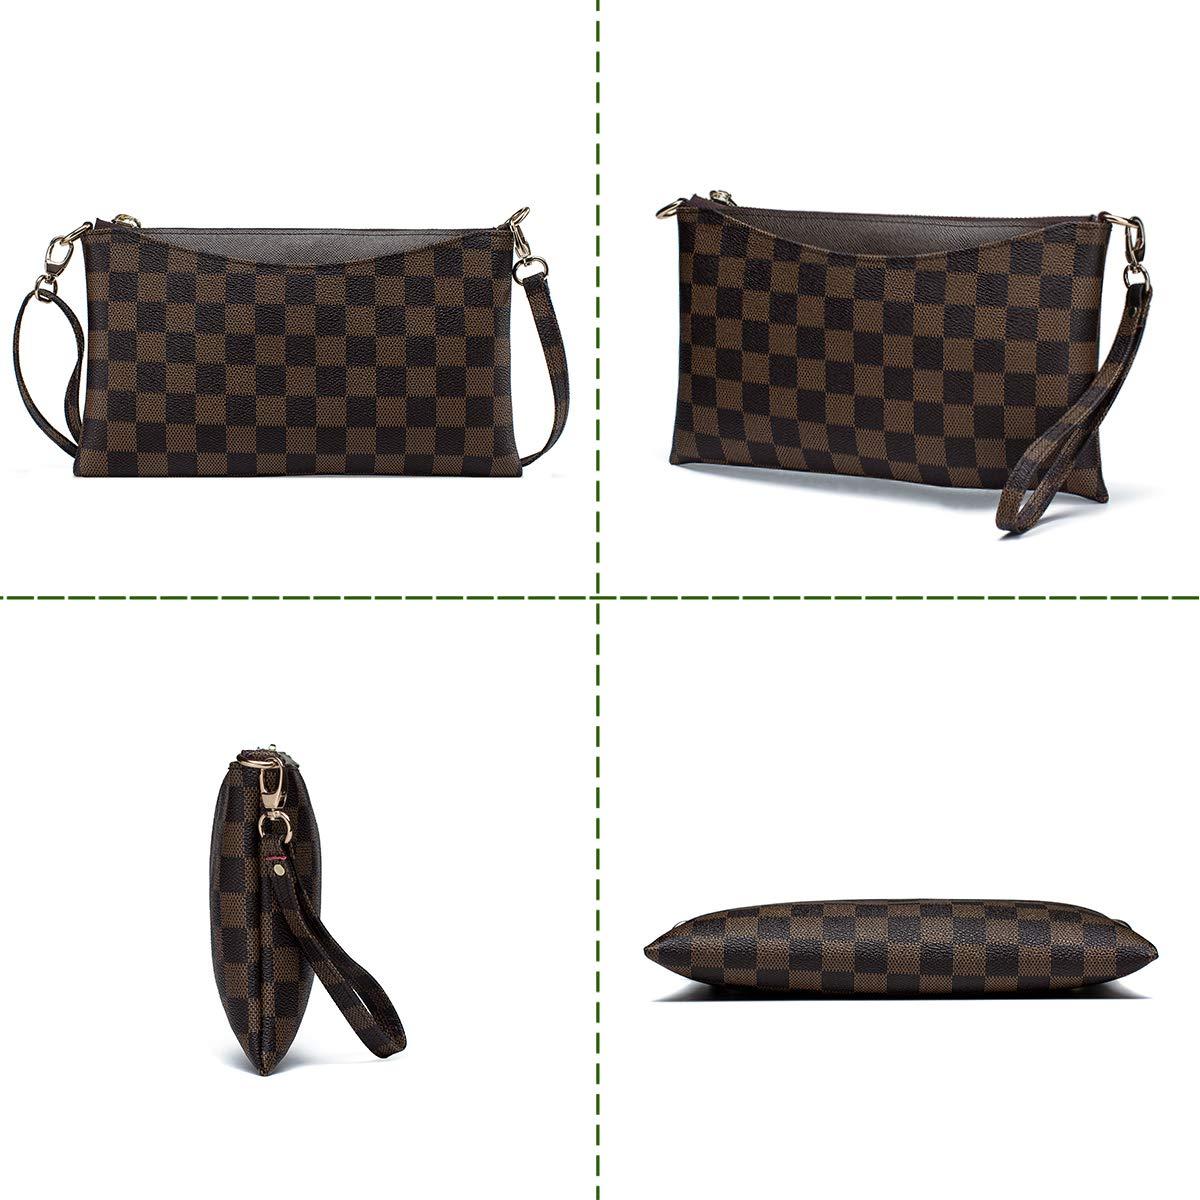 Amazon.com: Bolso bandolera pequeño a cuadros para mujer con ...